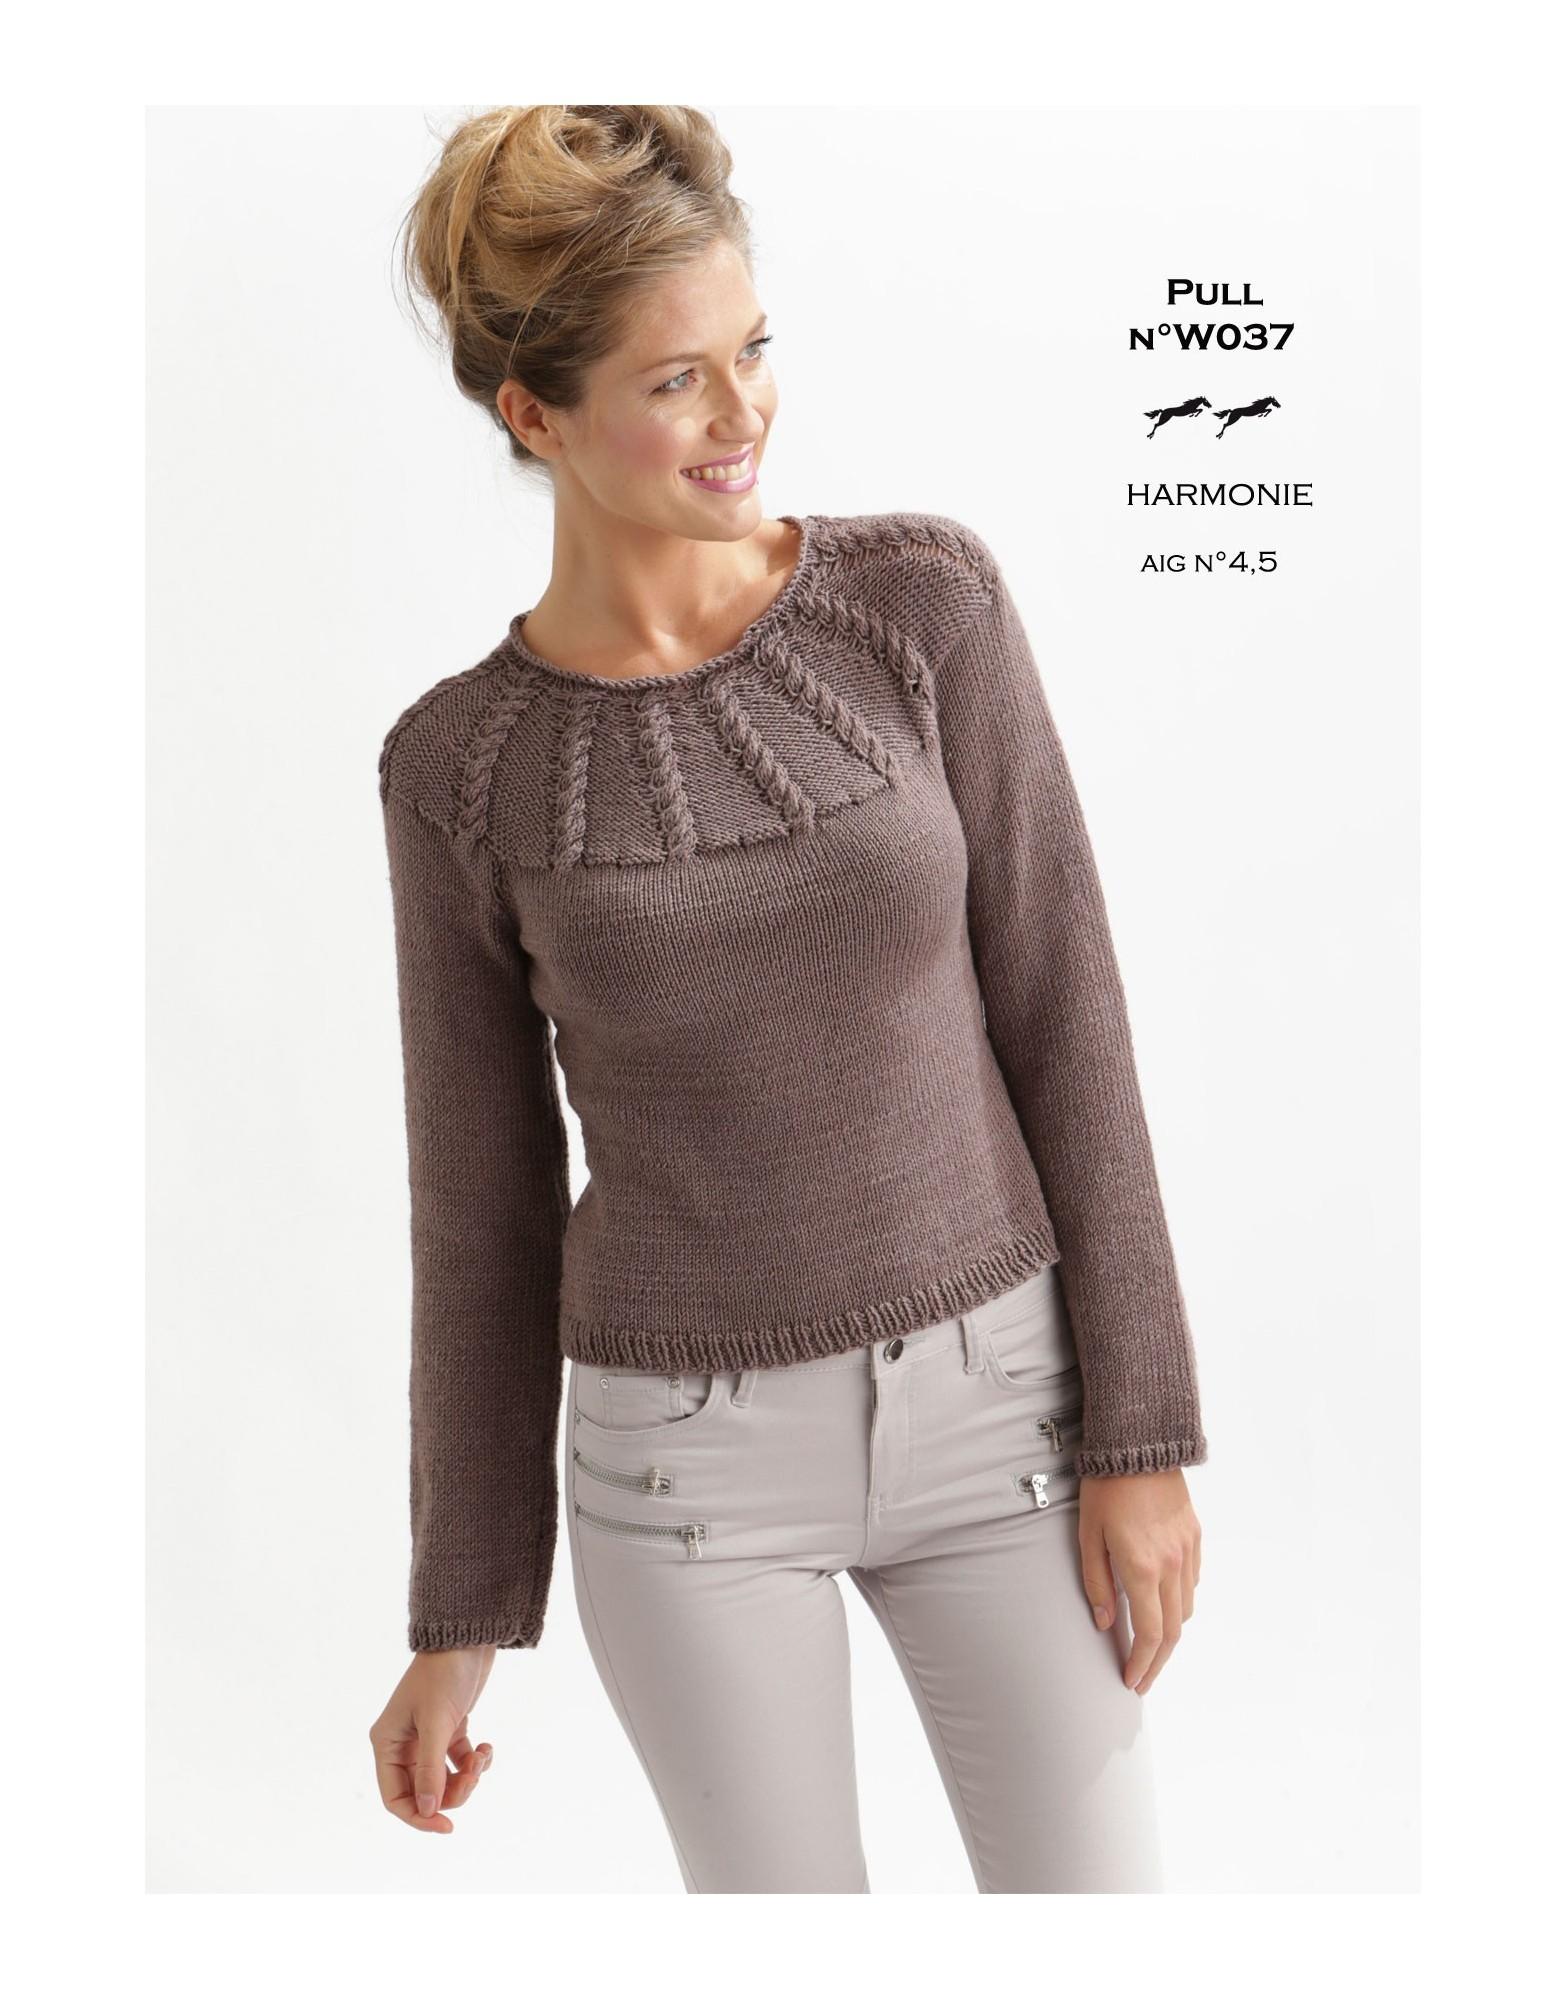 Modele tricot femme aiguille 4